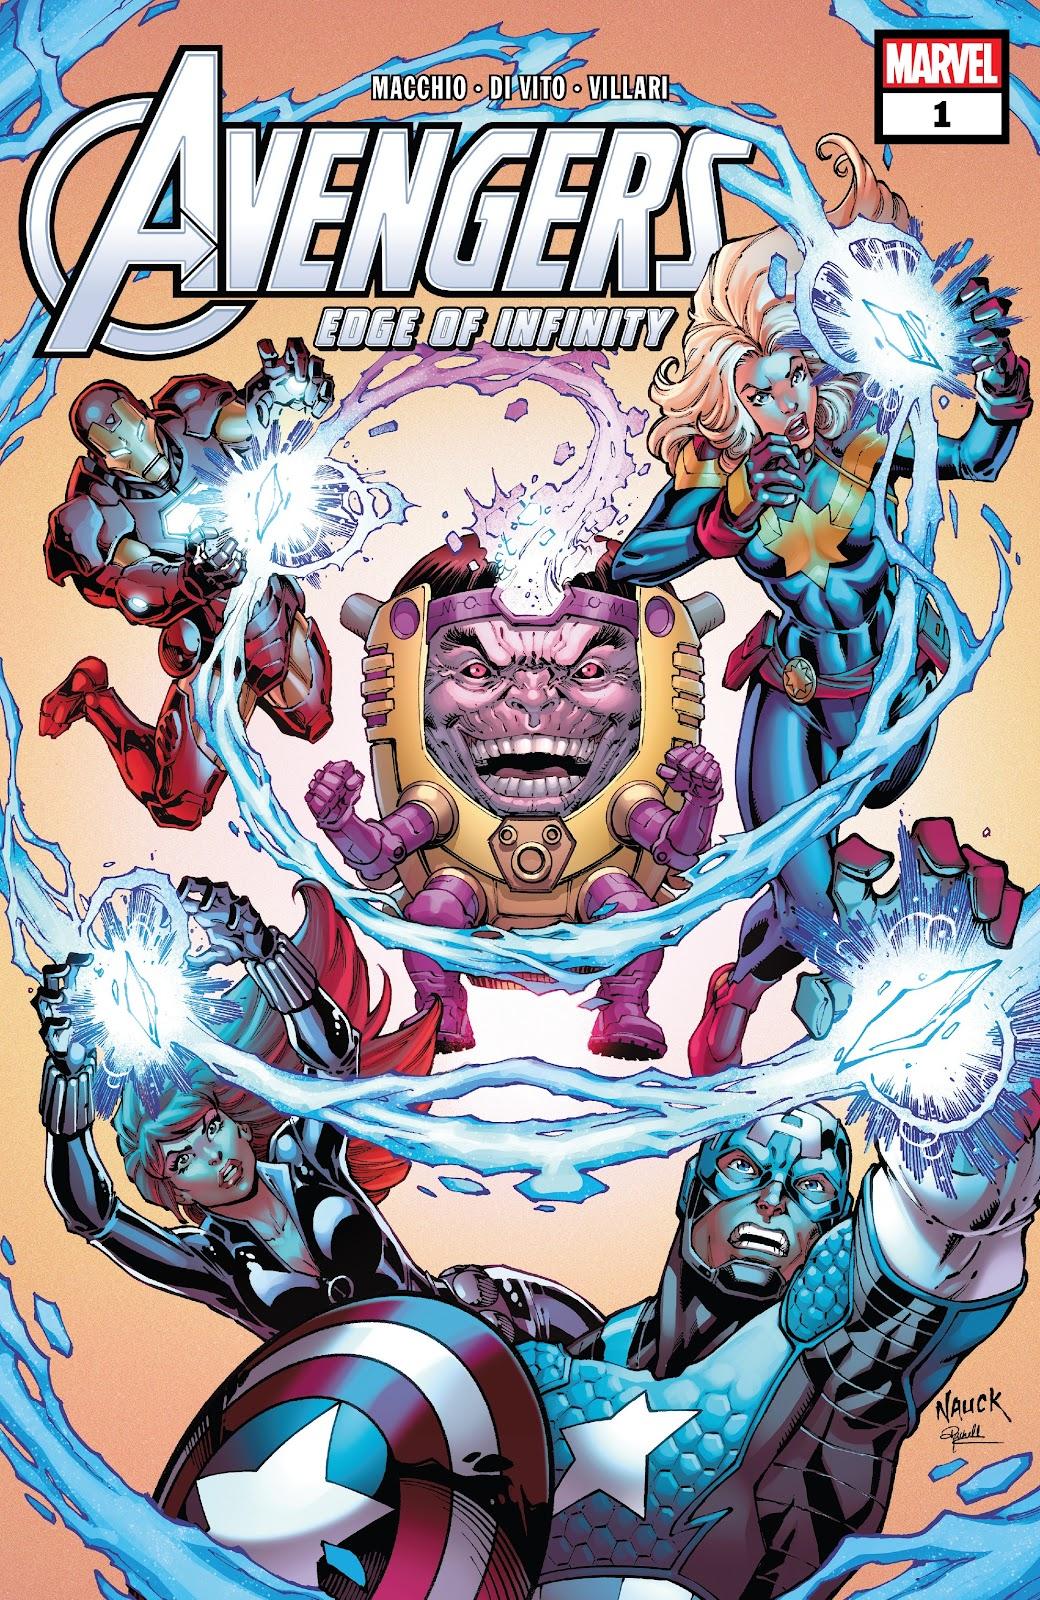 Read online Avengers: Edge of Infinity comic -  Issue # Full - 1